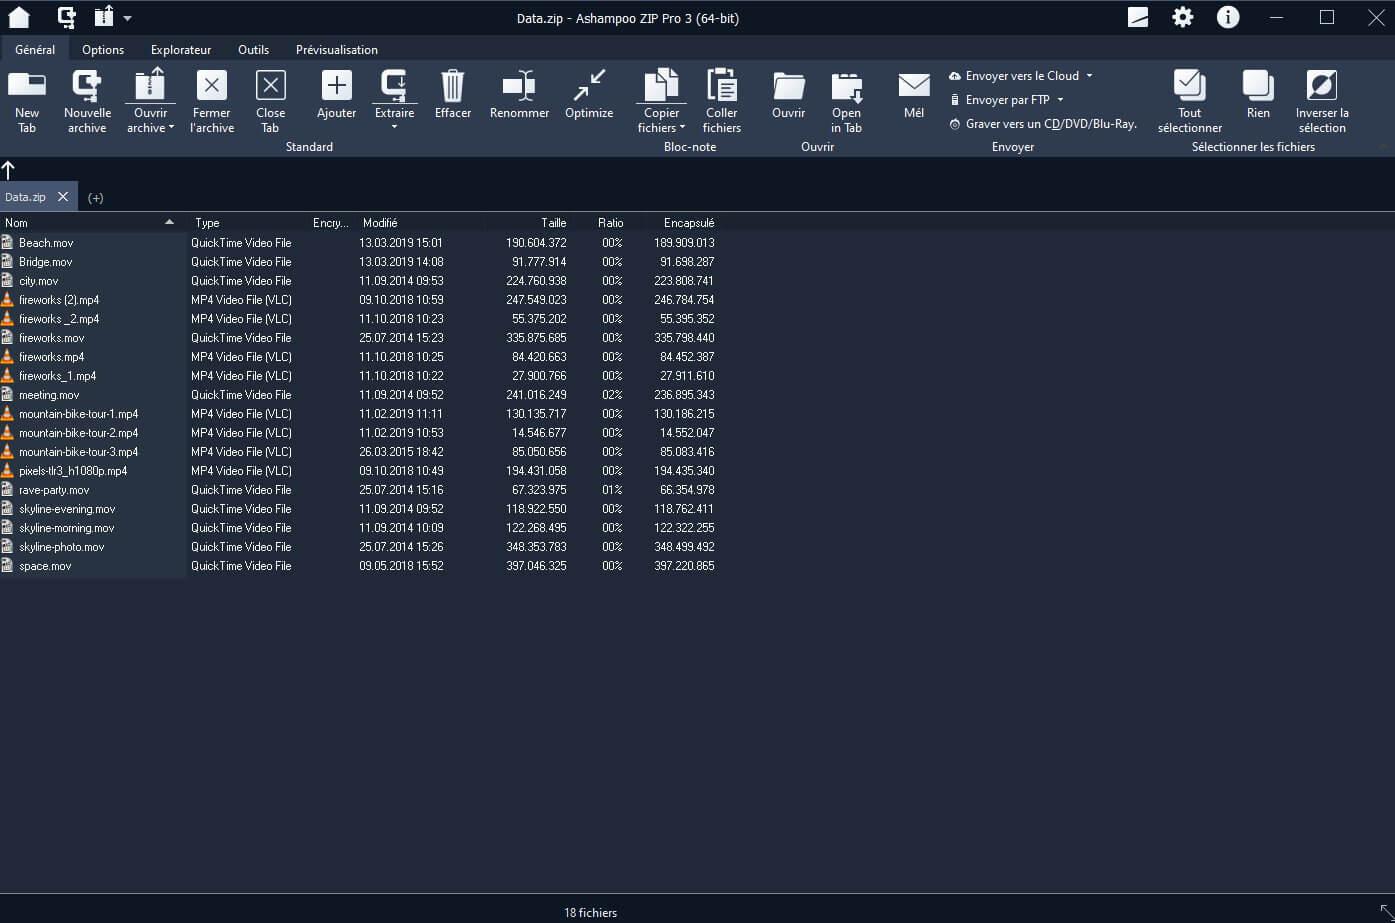 Ashampoo ZIP Pro Capture D'écran